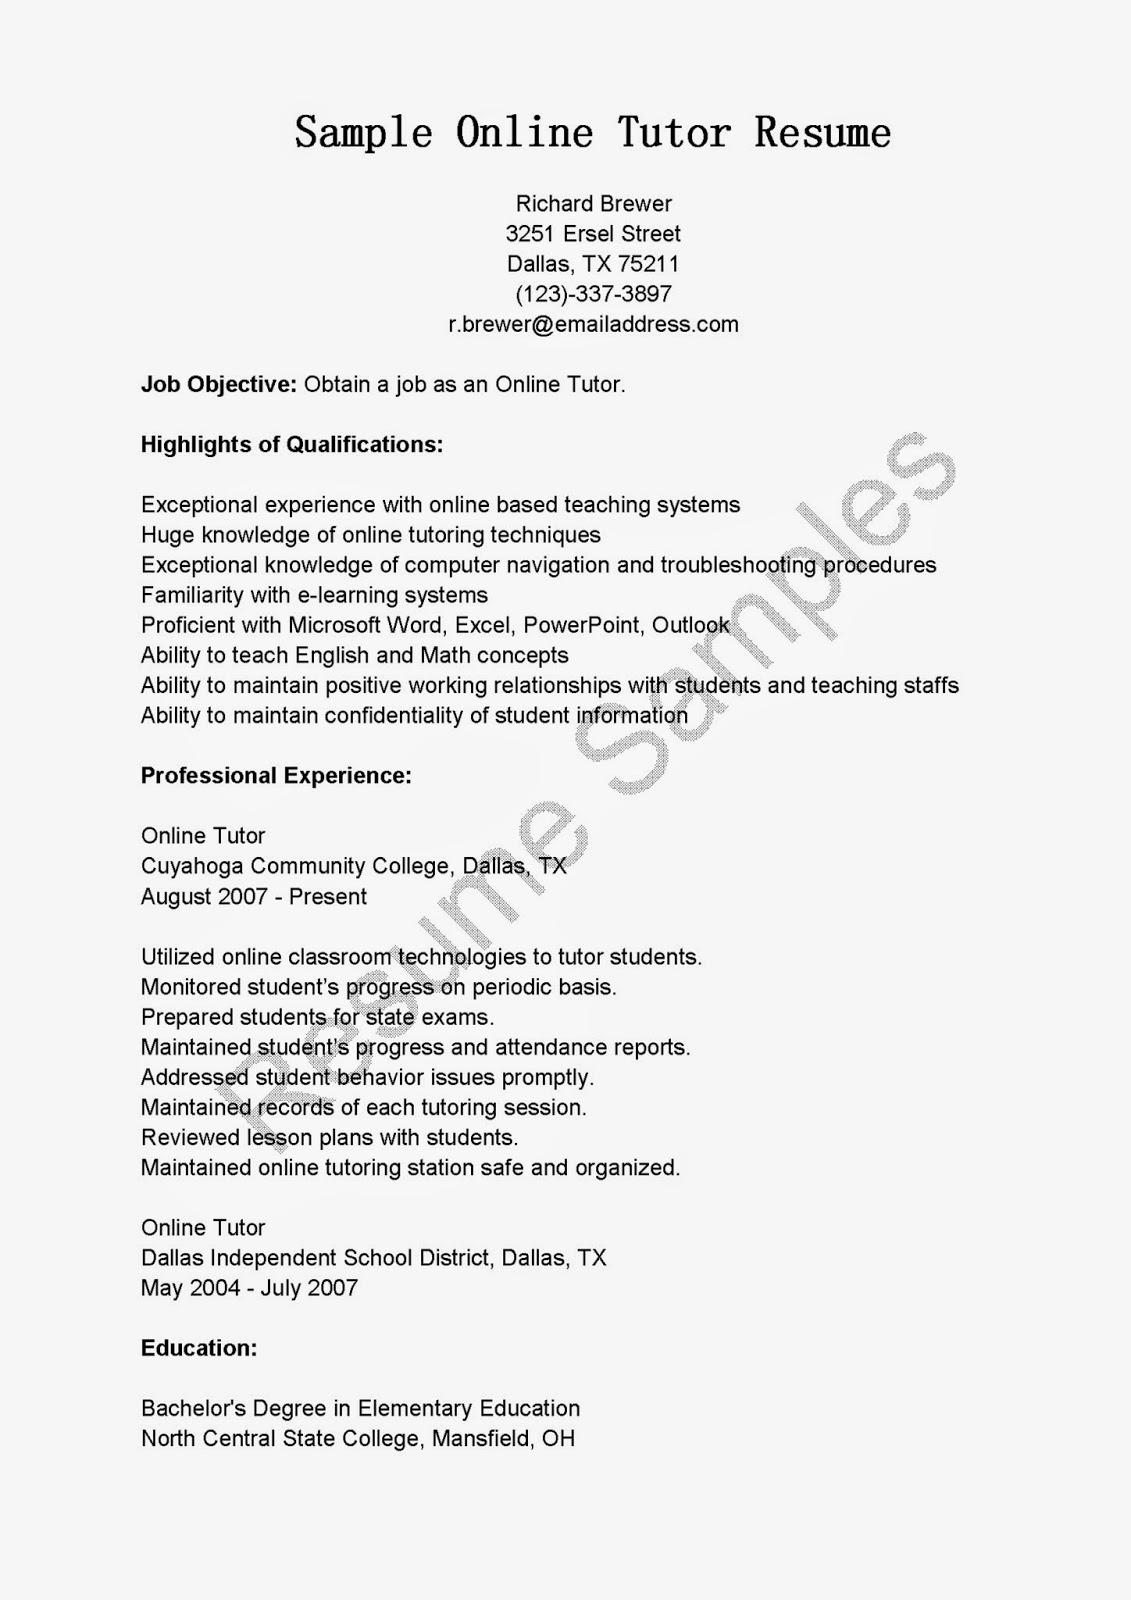 Peer Tutor Cover Letter   Sample Customer Service Resume